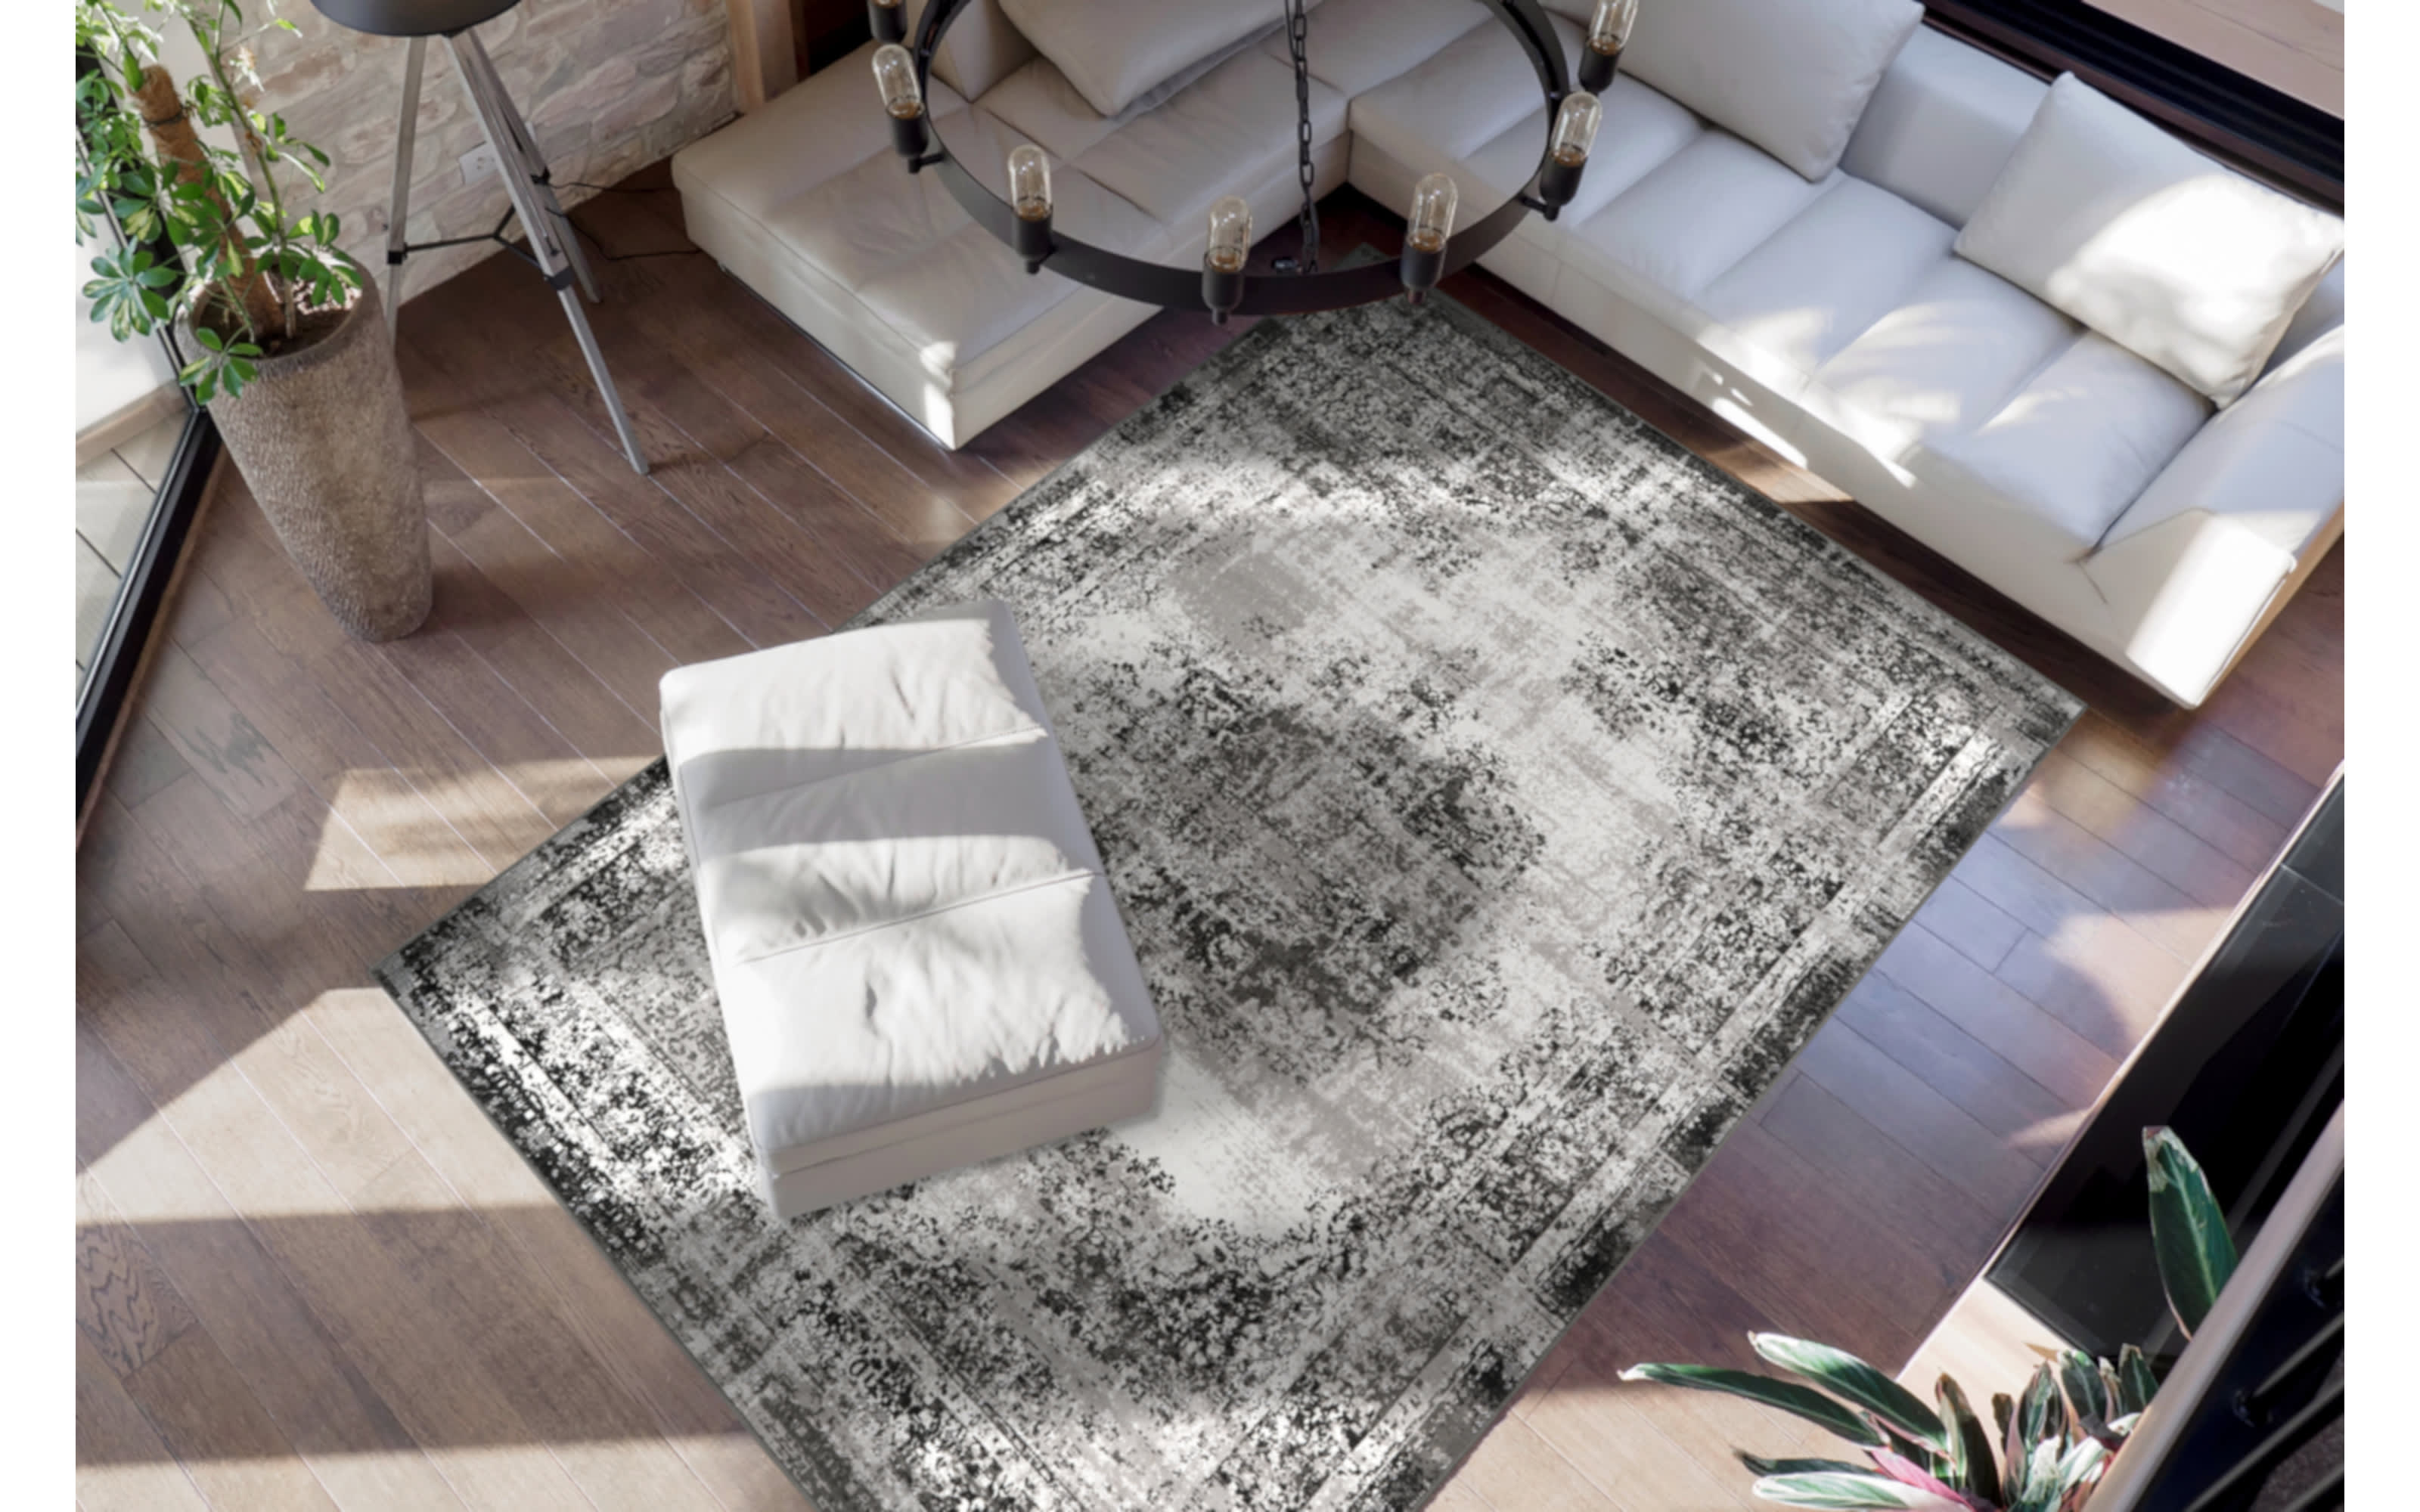 Teppich Ariya 225 in anthrazit, 120 x 170 cm